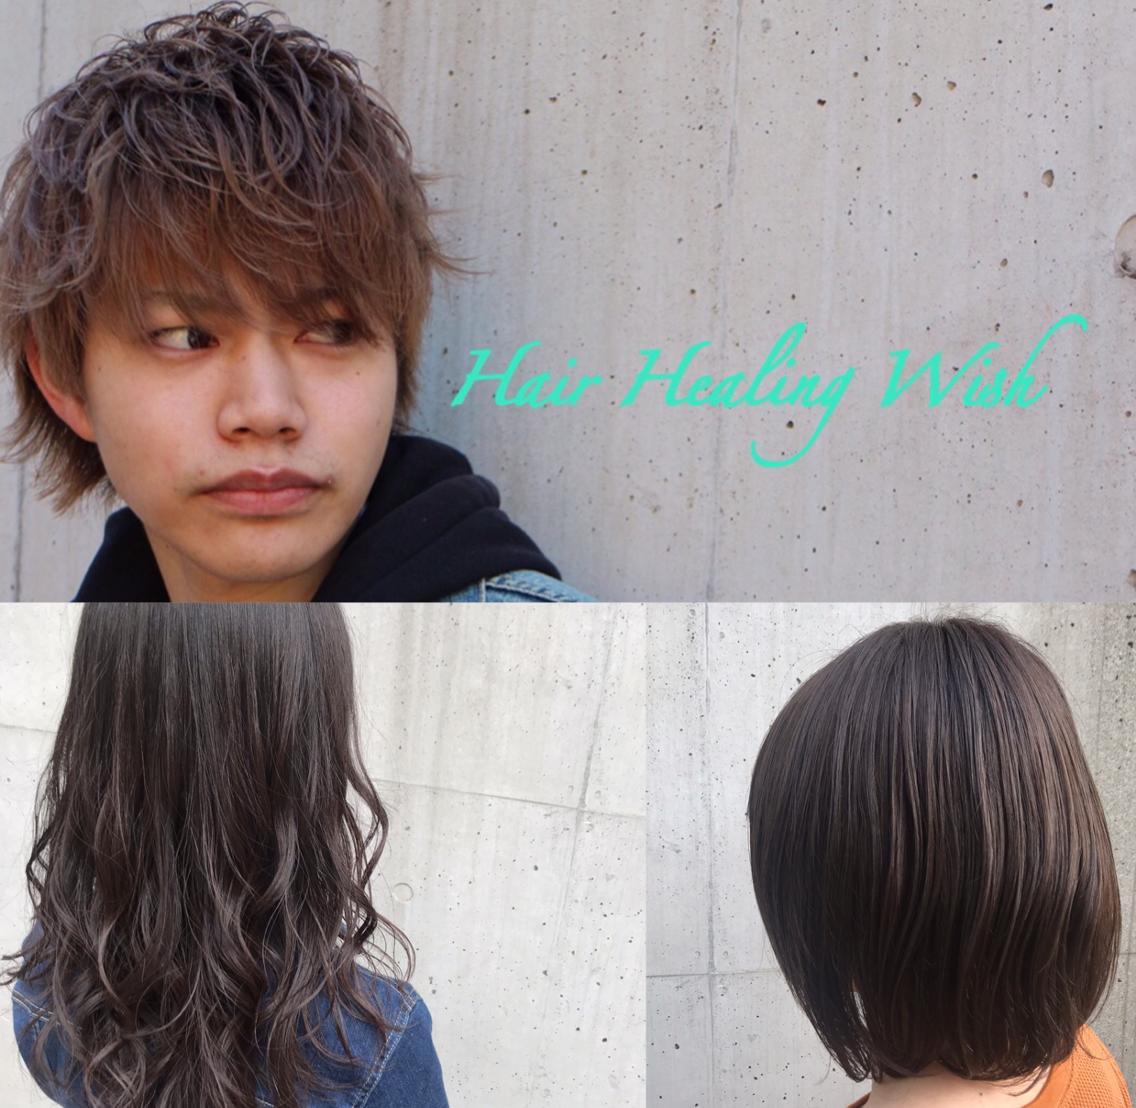 ❣️当日予約OK❣️✨本日限定のクーポンあります✨メンズにもお得なクーポンでカッコよくしましょう💯 髪の毛に最小限のダメージで最高のヘアスタイルを目指しませんか❣️